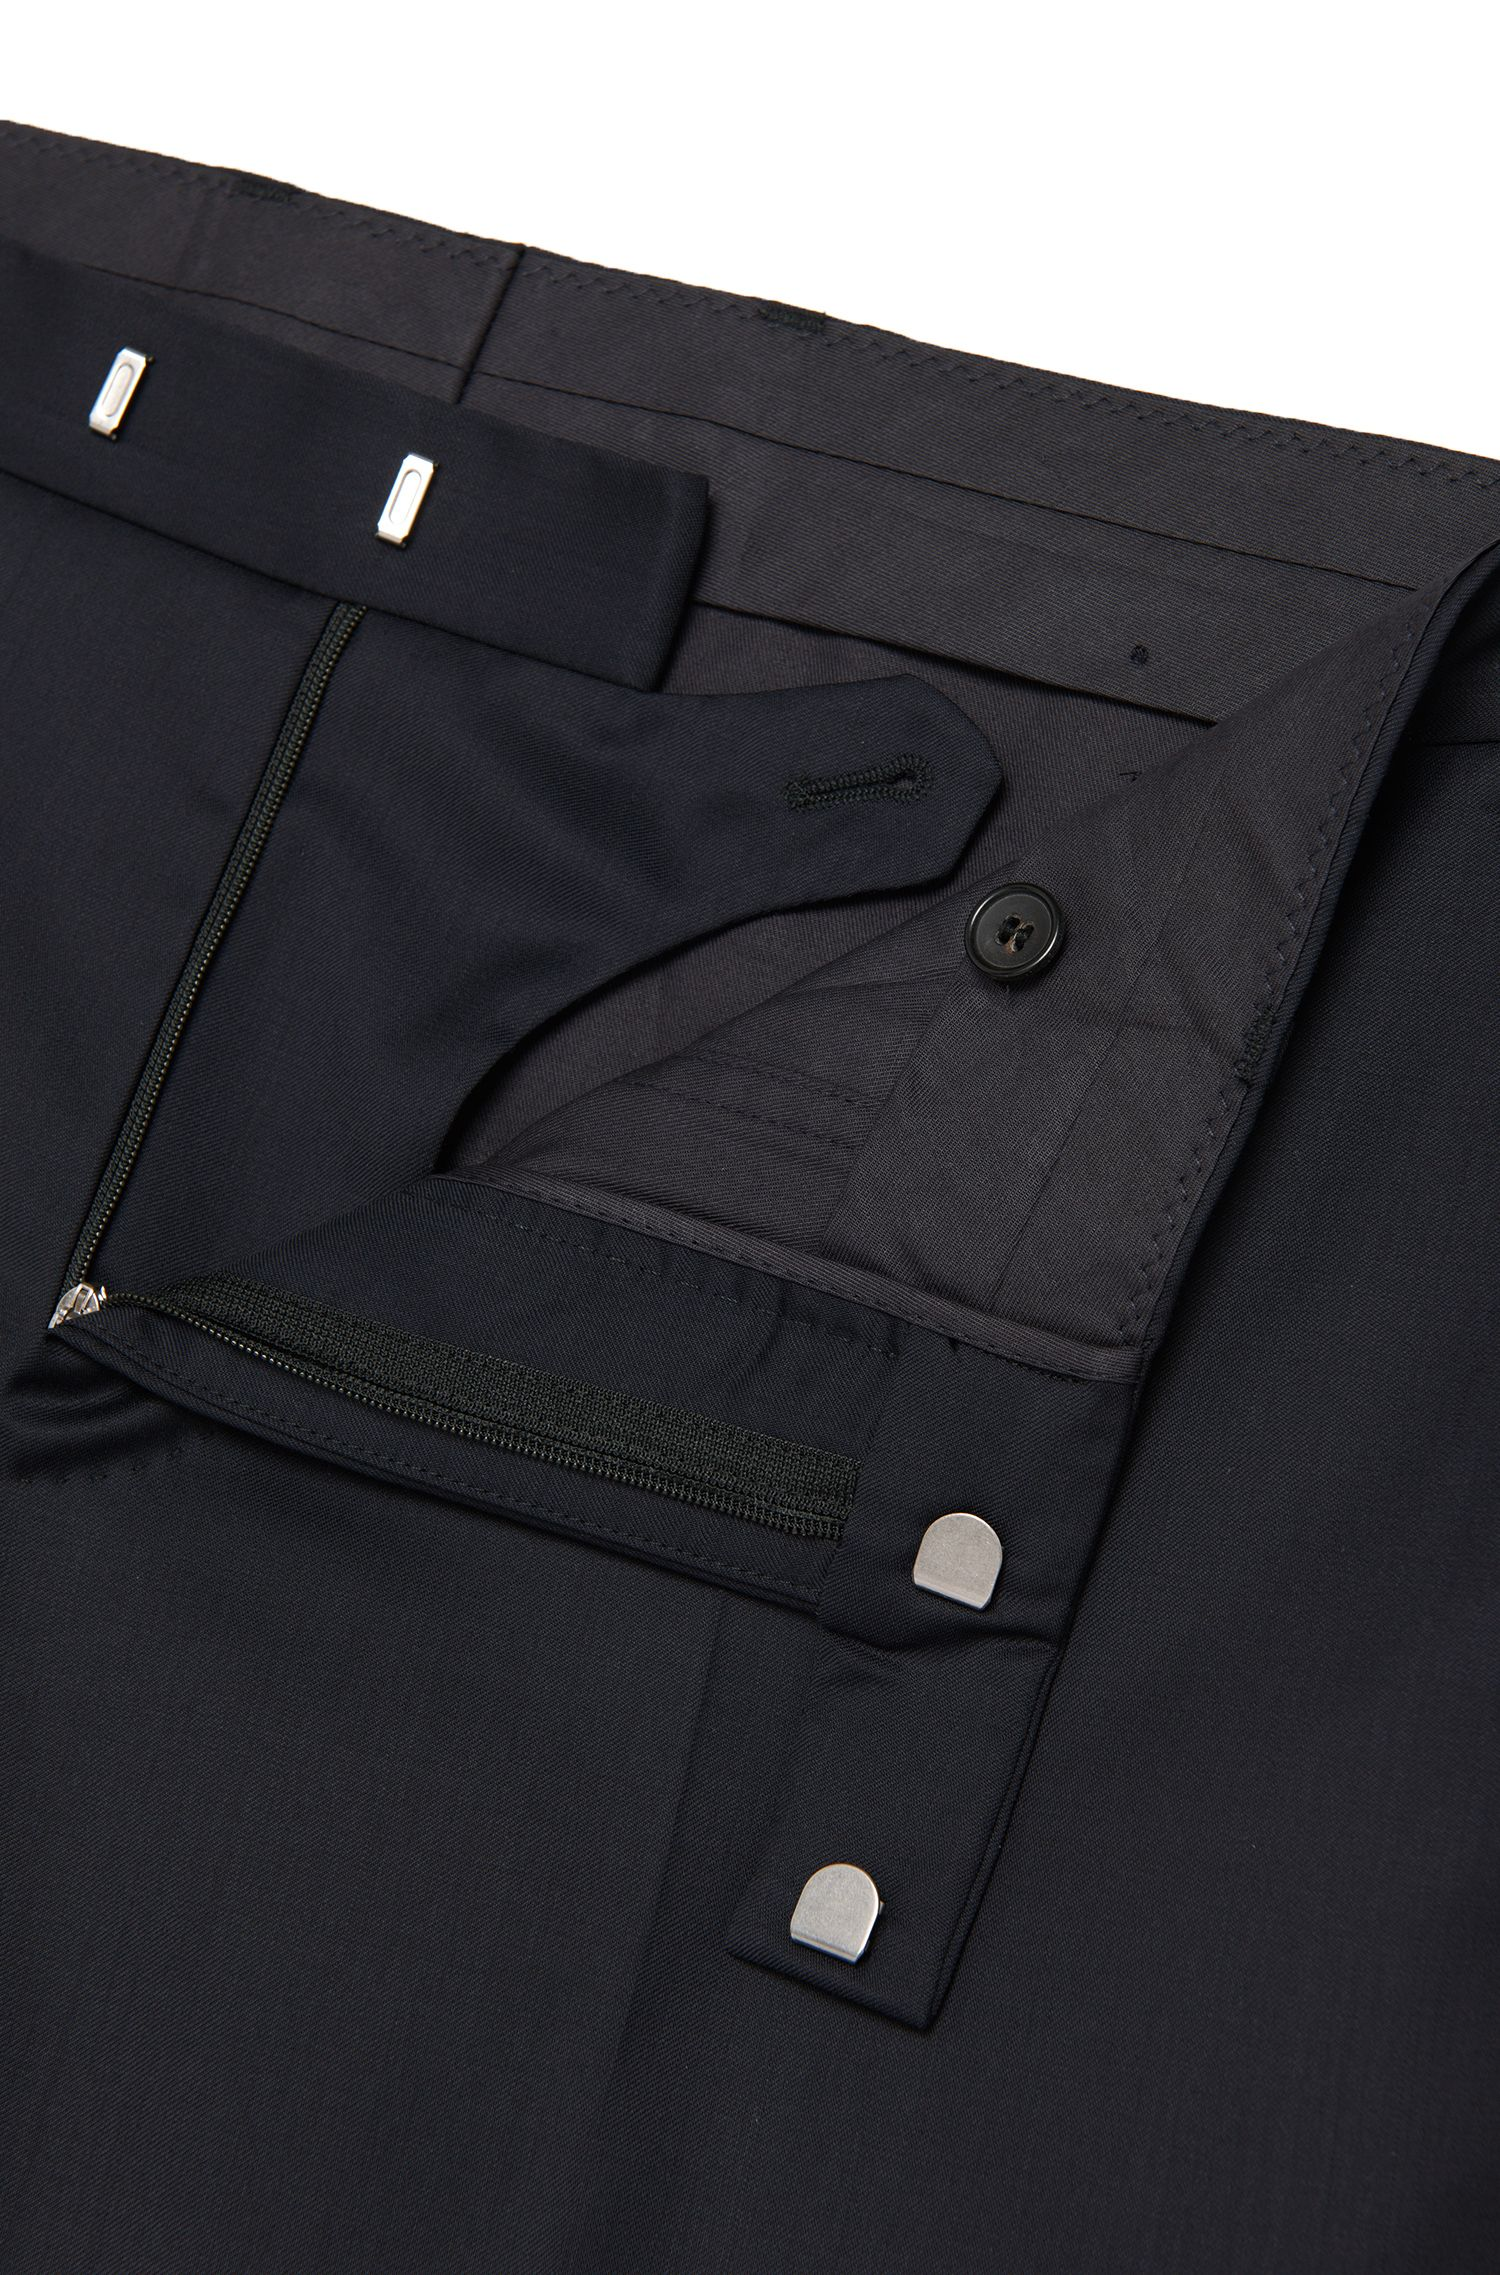 Pantaloni Tailored slim fit in pura lana vergine: 'T-Court5', Blu scuro